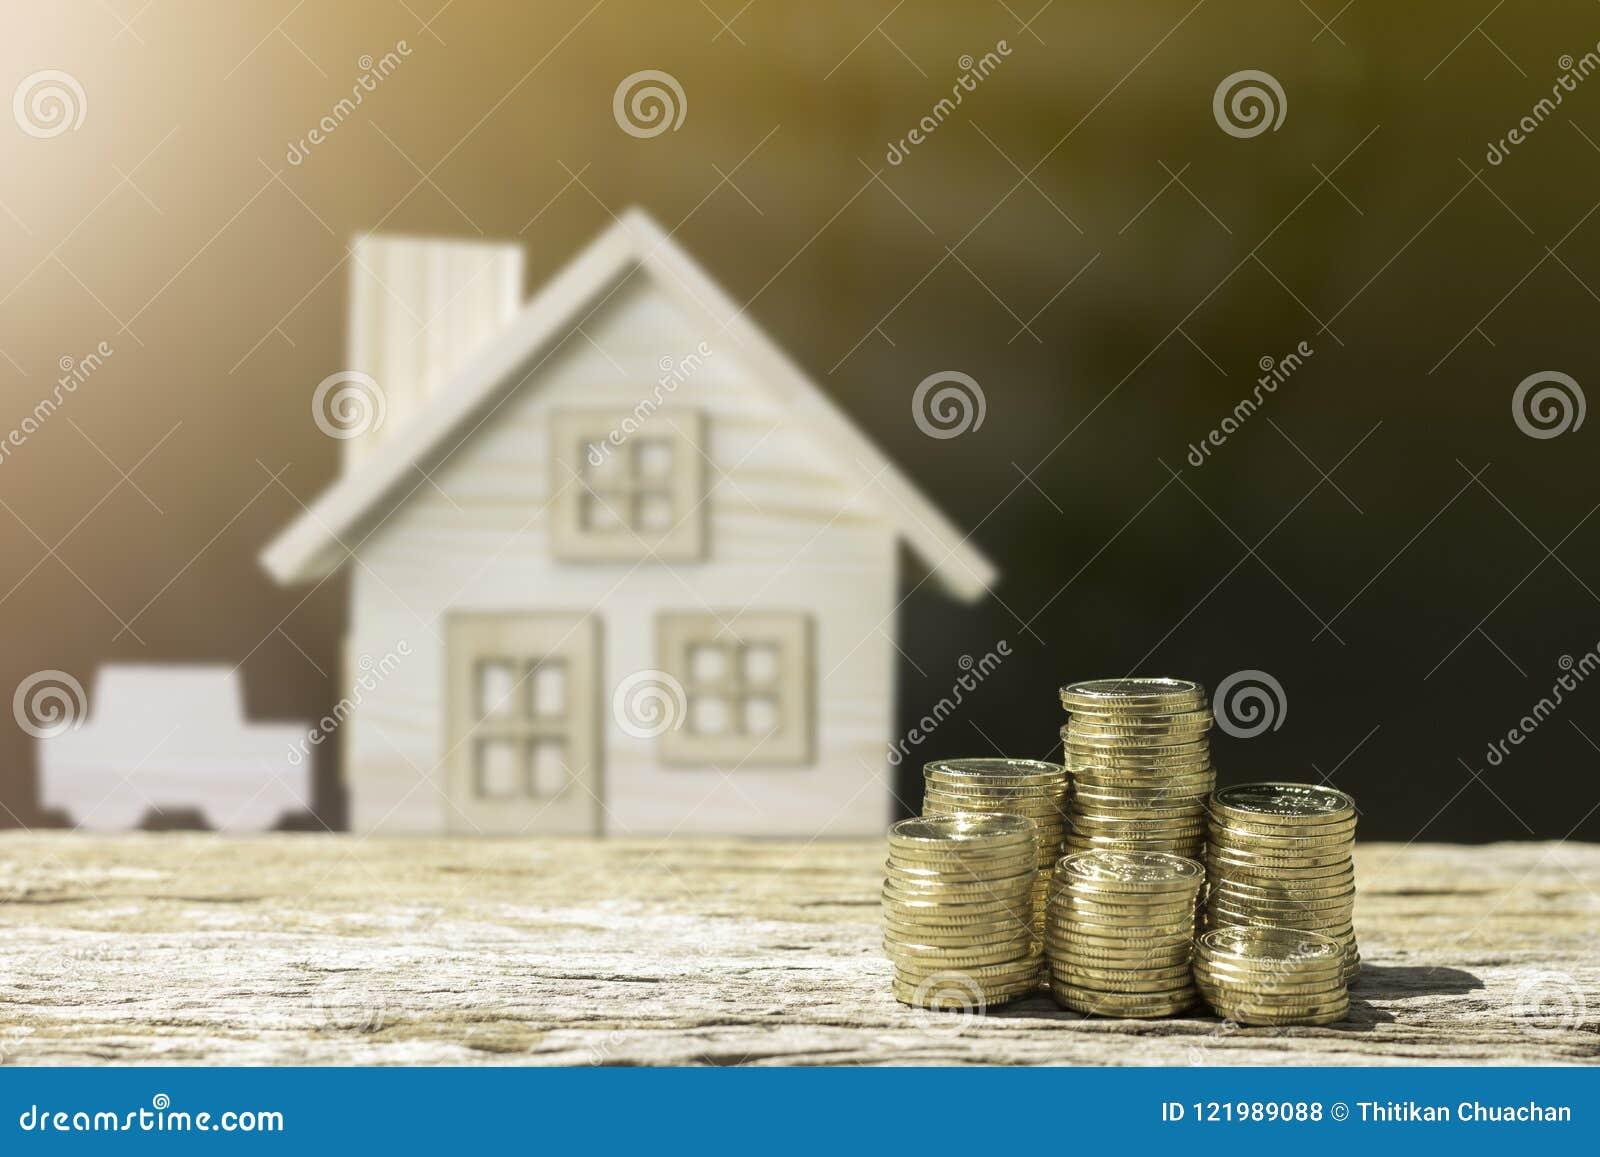 Le monete ed il fondo della sfuocatura della casa mostrano i soldi di risparmio